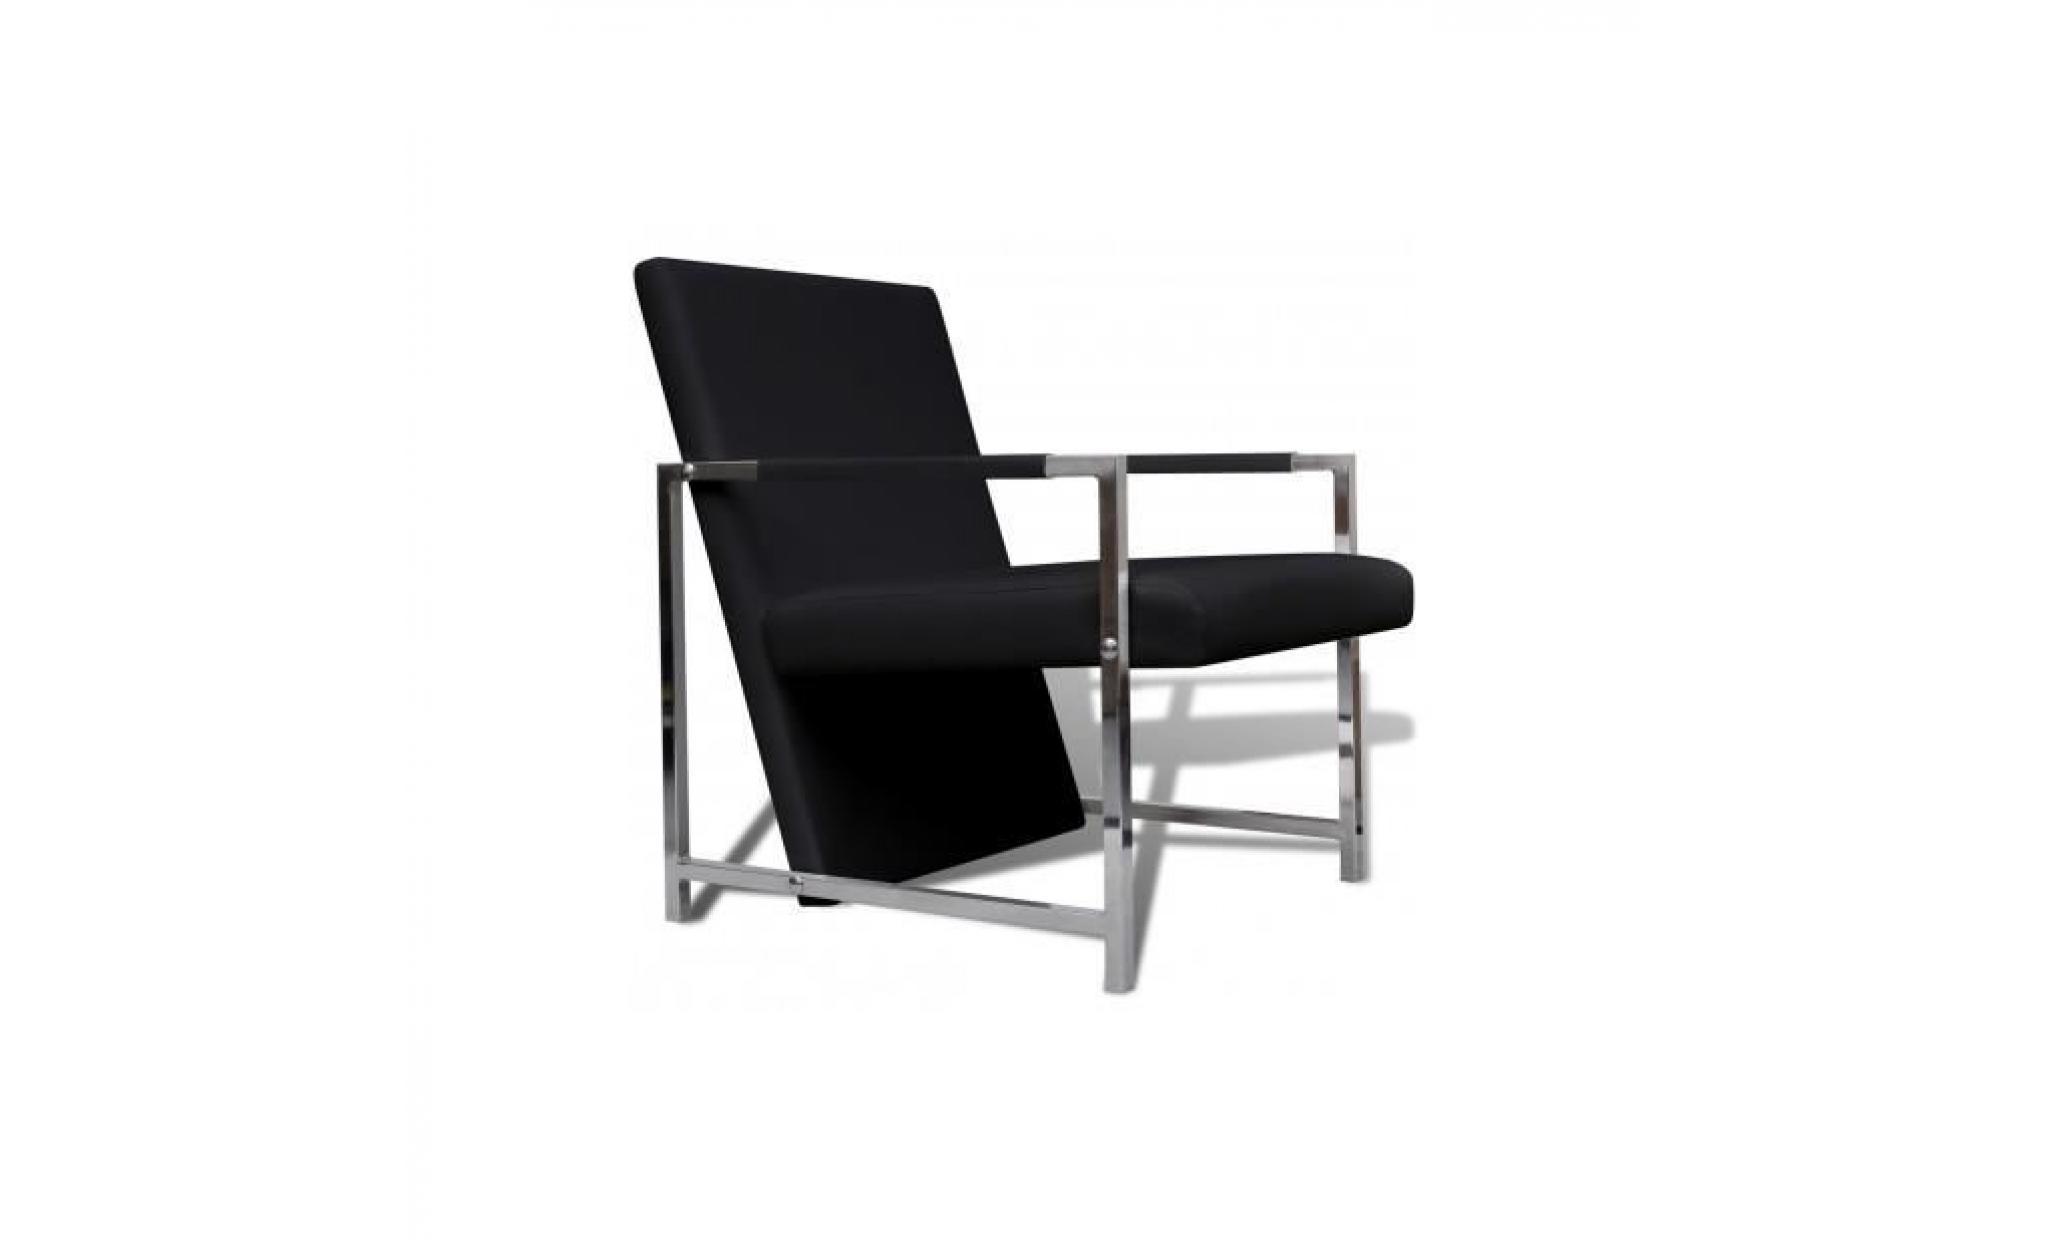 Superbe fauteuil magnifique avec pieds chrom s noir achat vente fauteuil pa - Fauteuil main noir pas cher ...